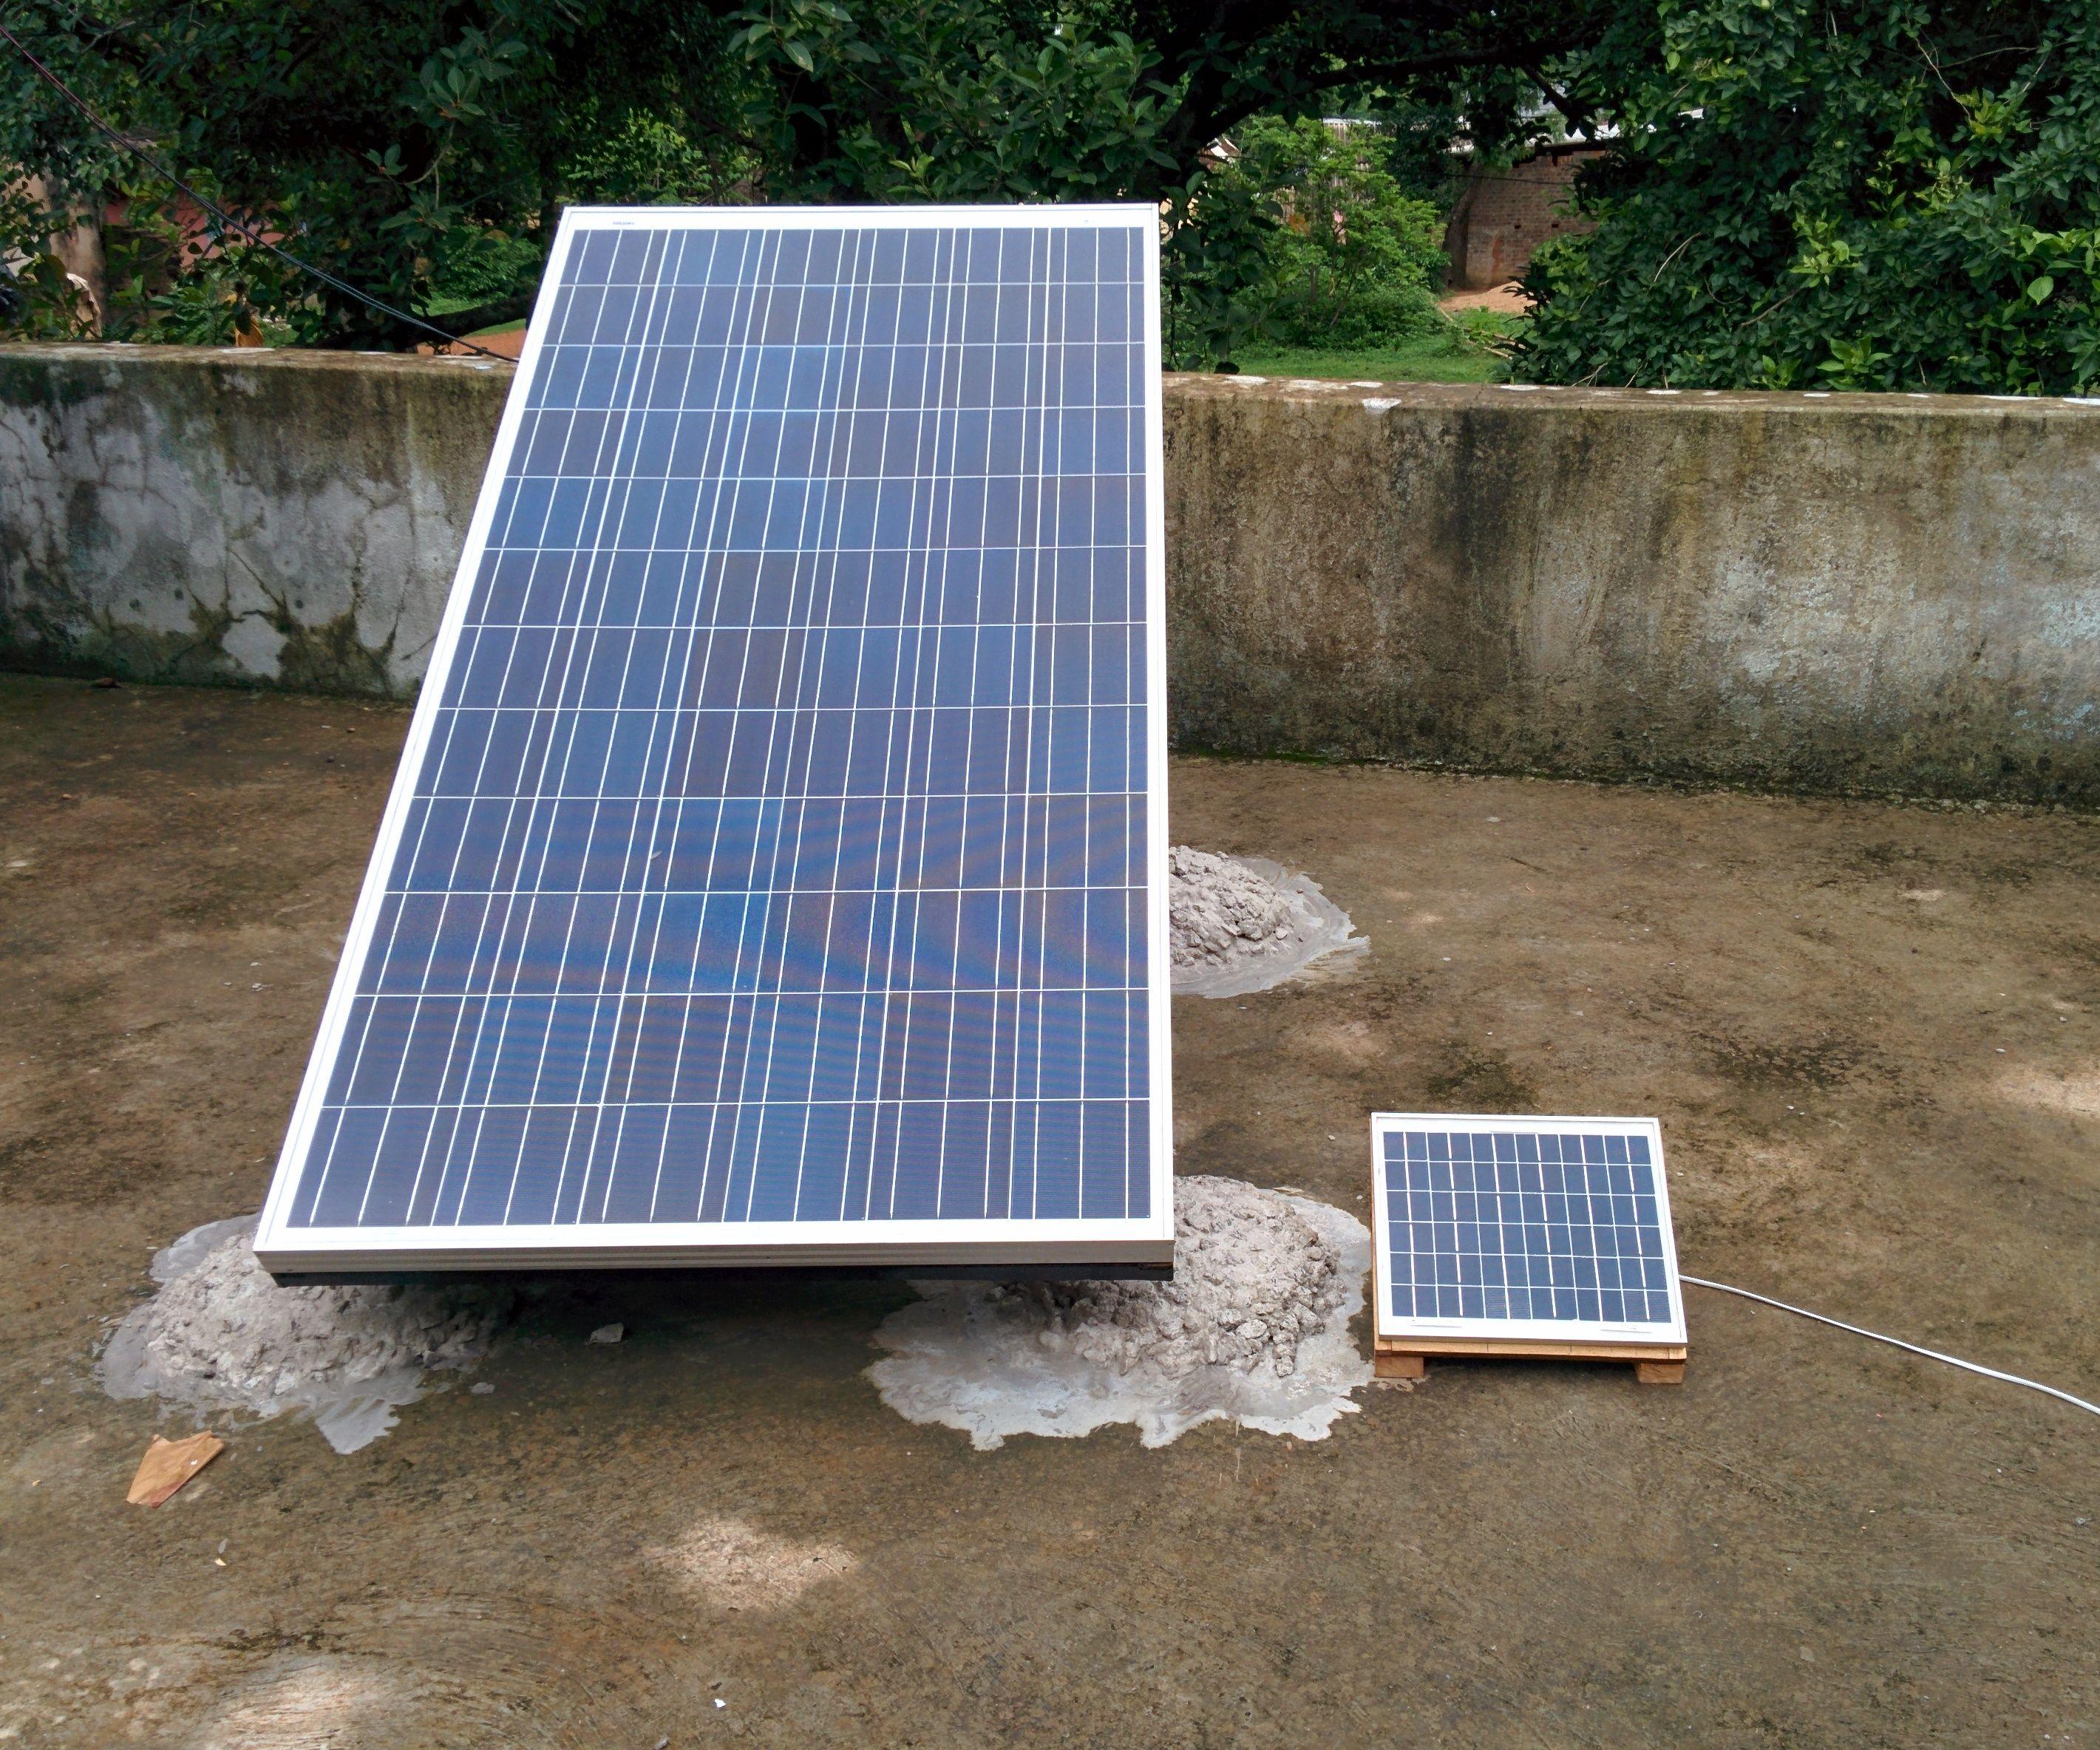 wiring diagram of solar panel up battery load fan [ 2100 x 1750 Pixel ]